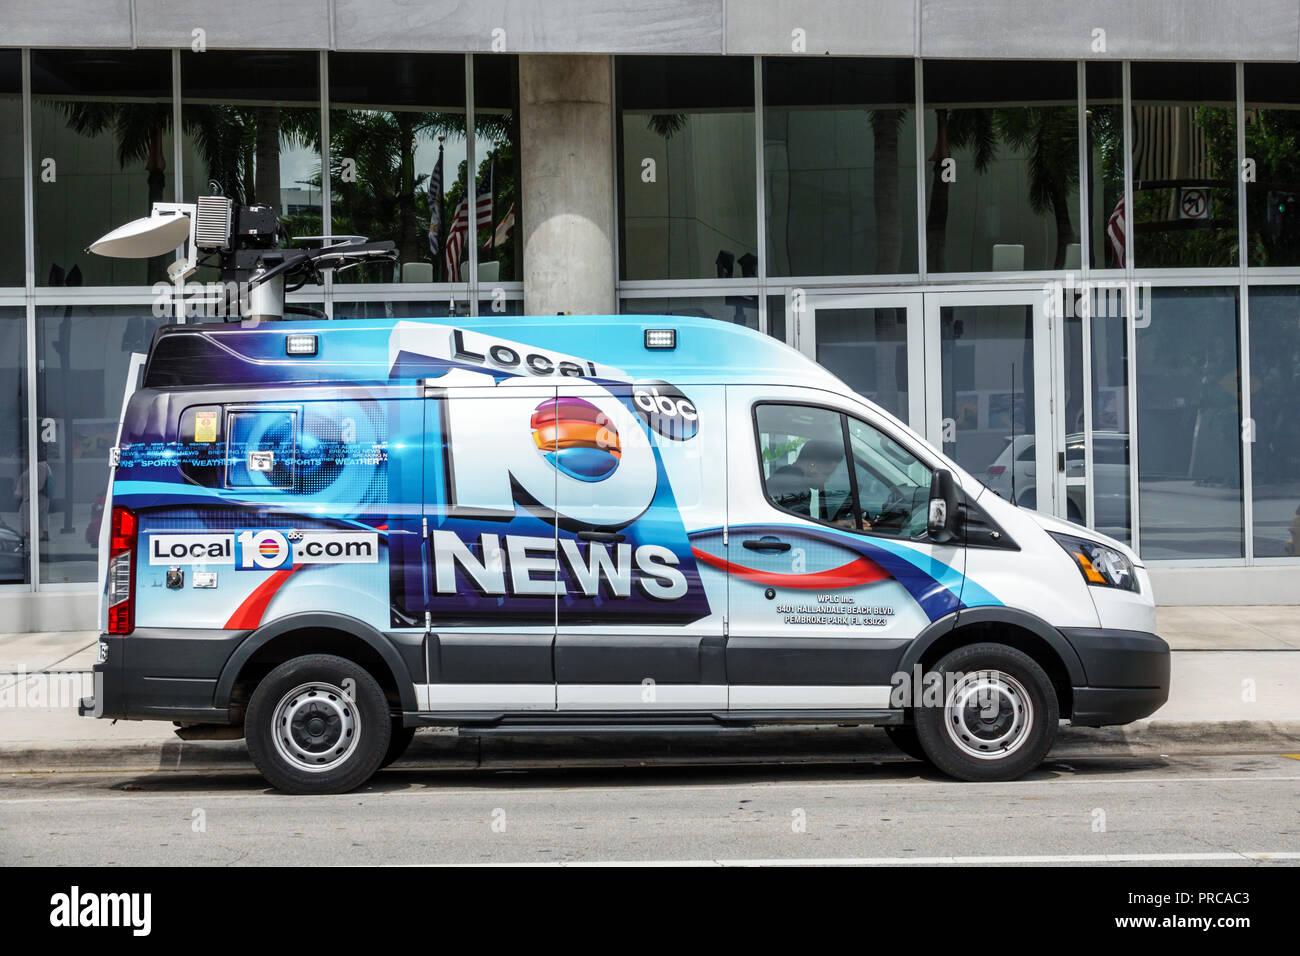 tv news van stock photos & tv news van stock images - alamy